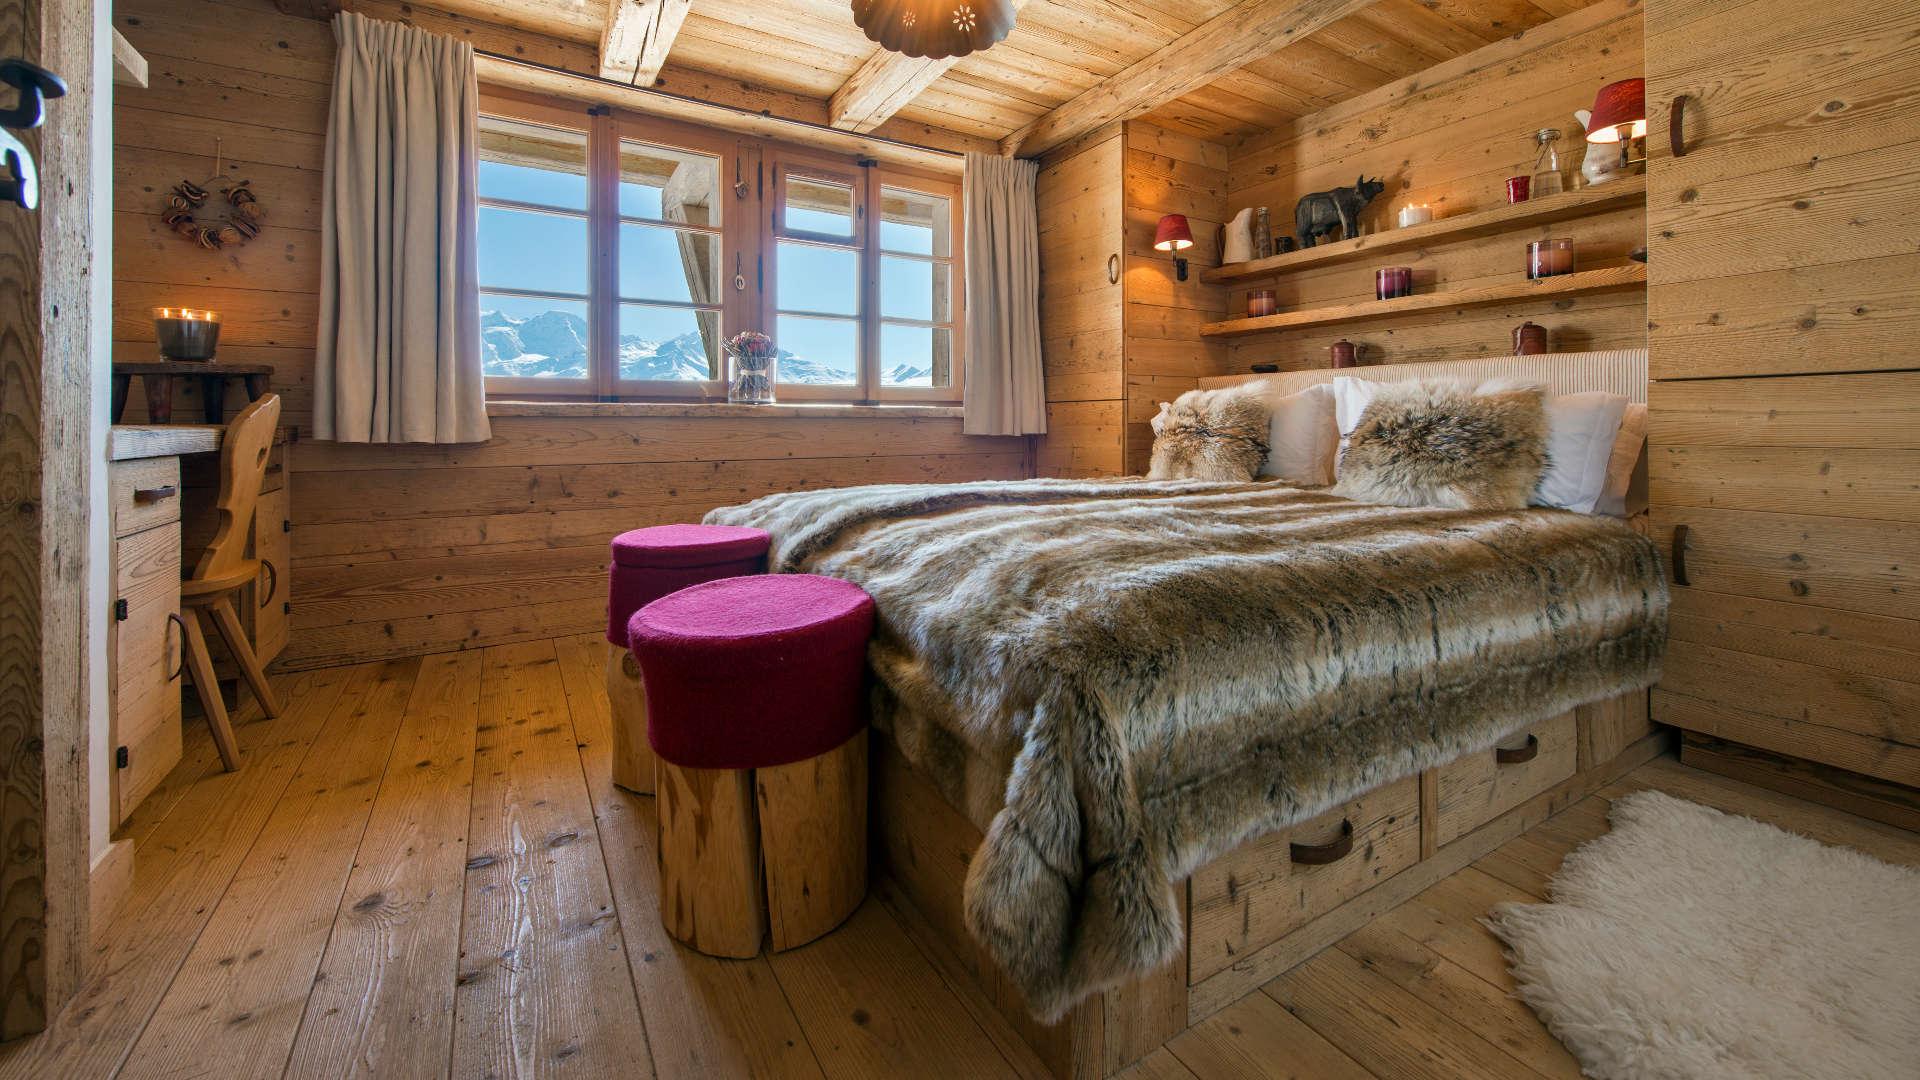 chalet-nyumba-bedroom2-2